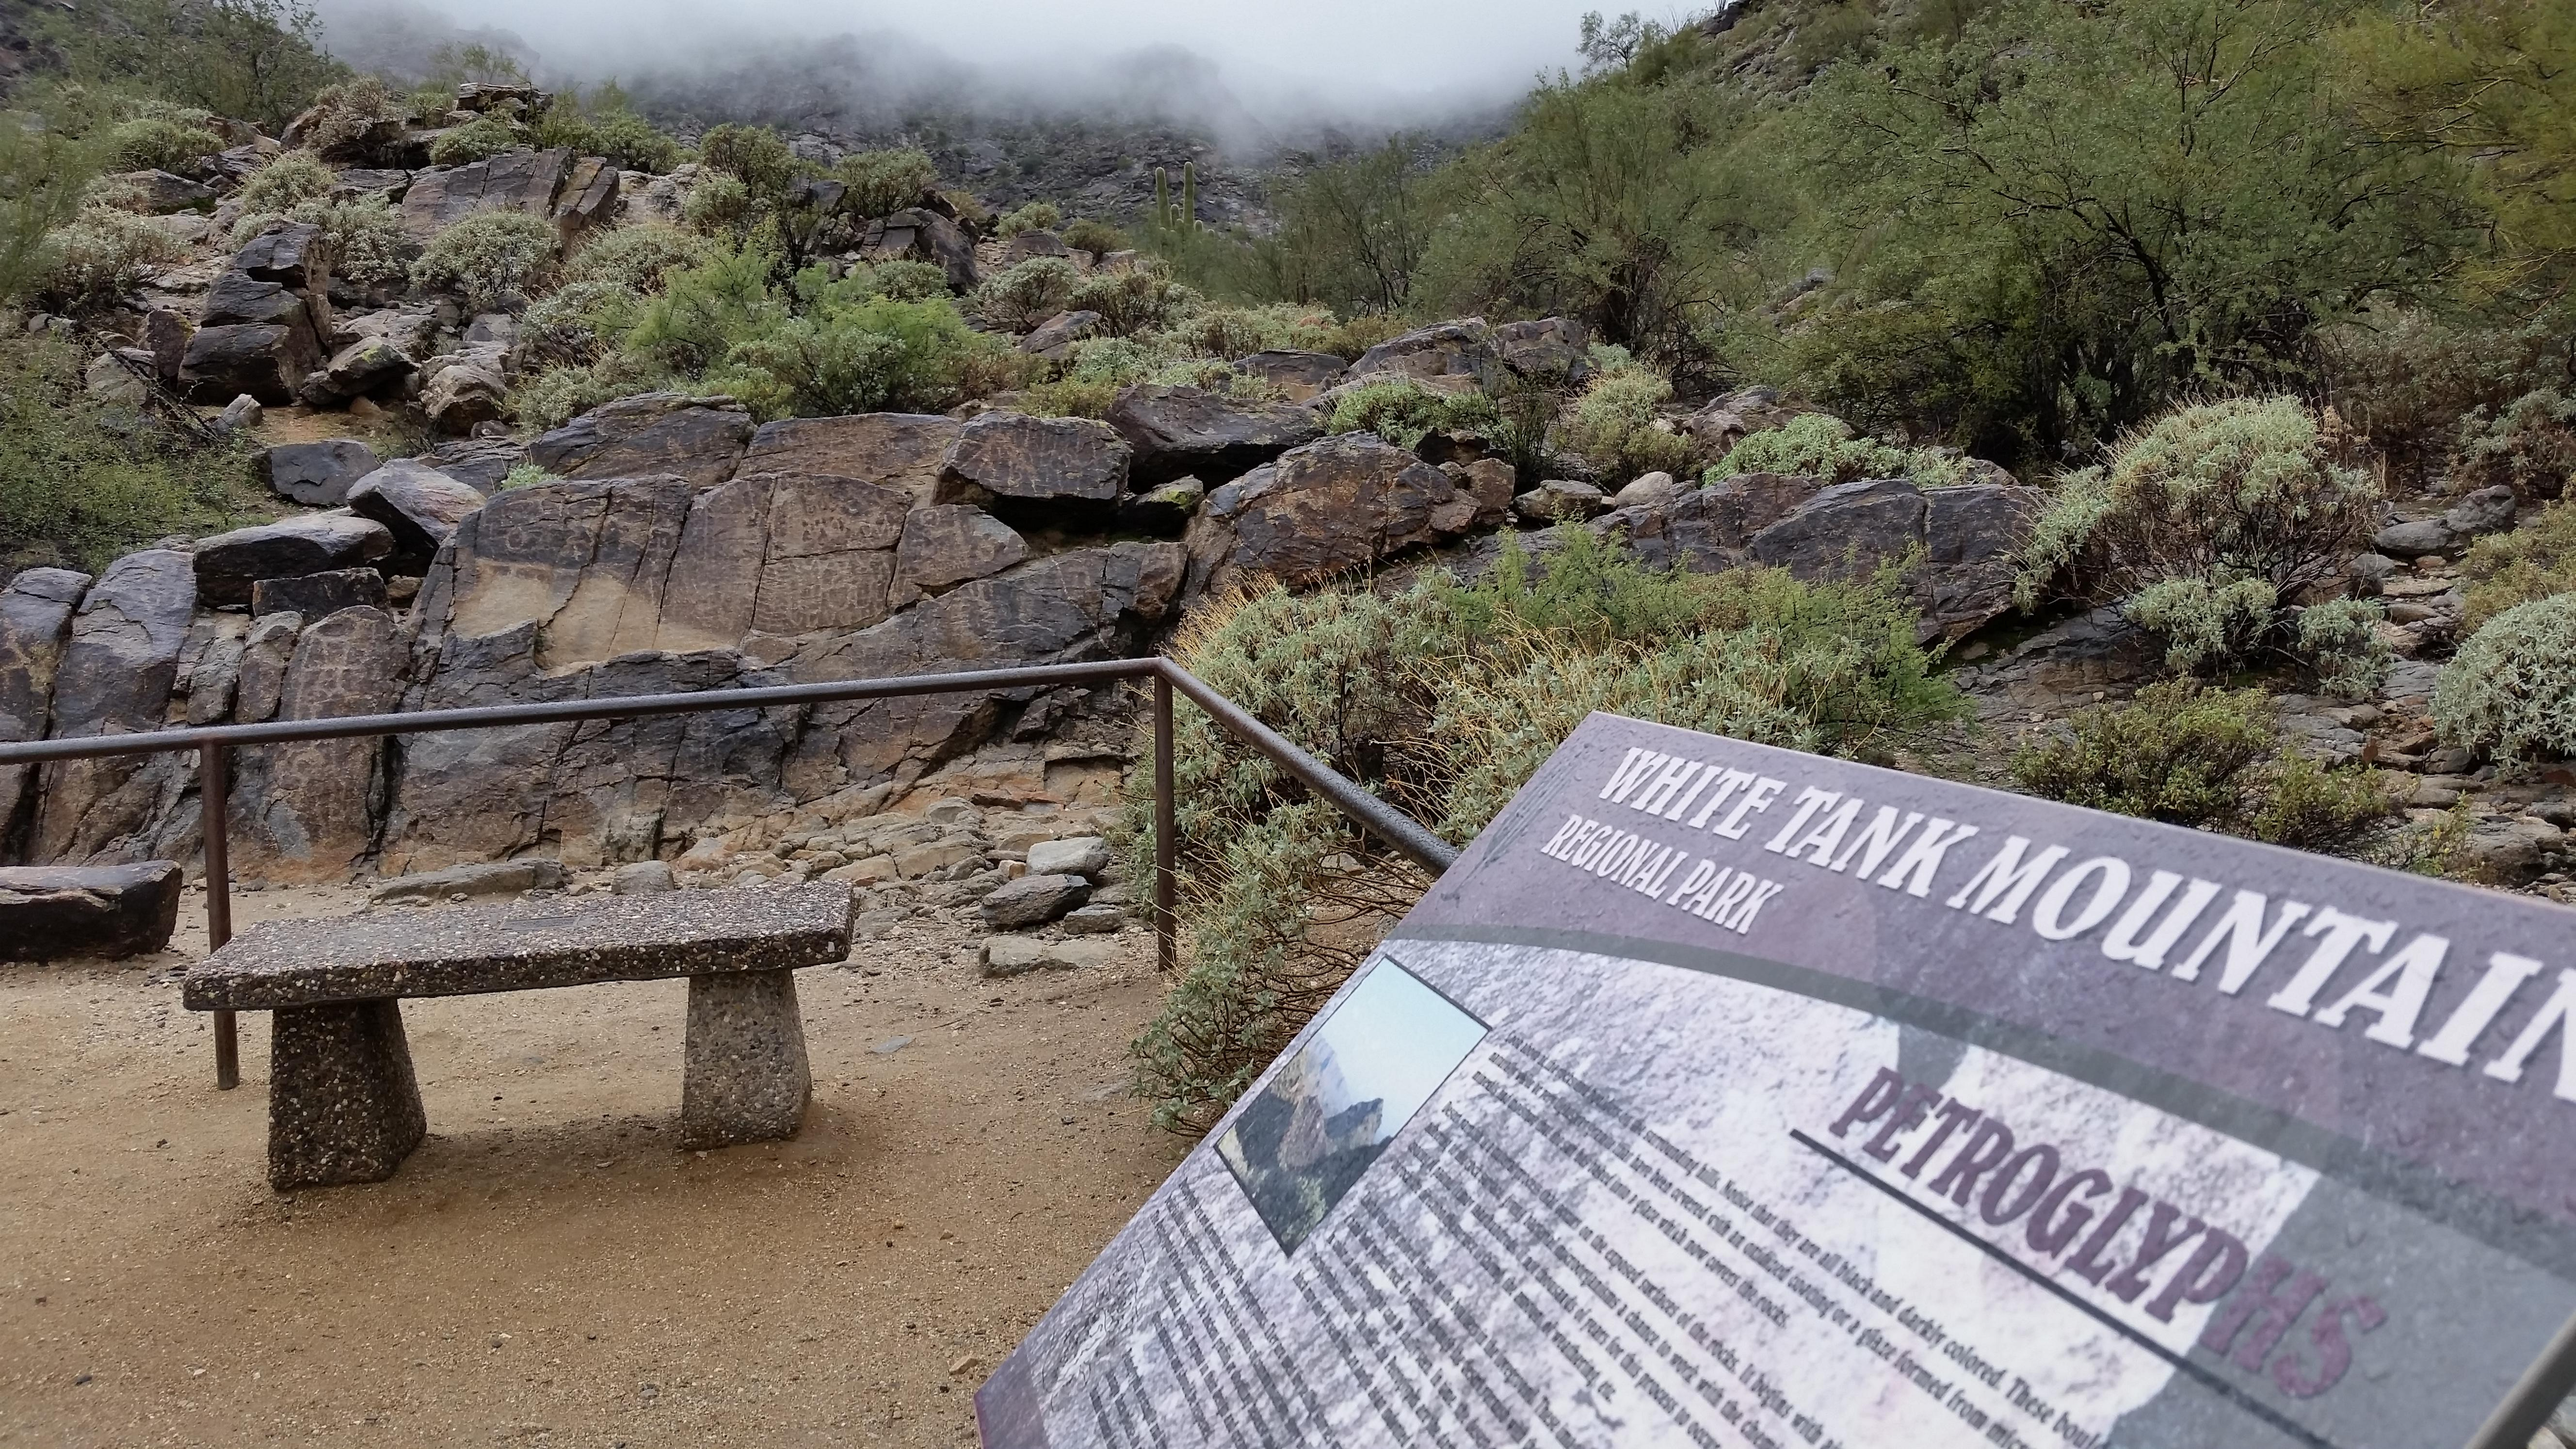 White Tank Mountain sign